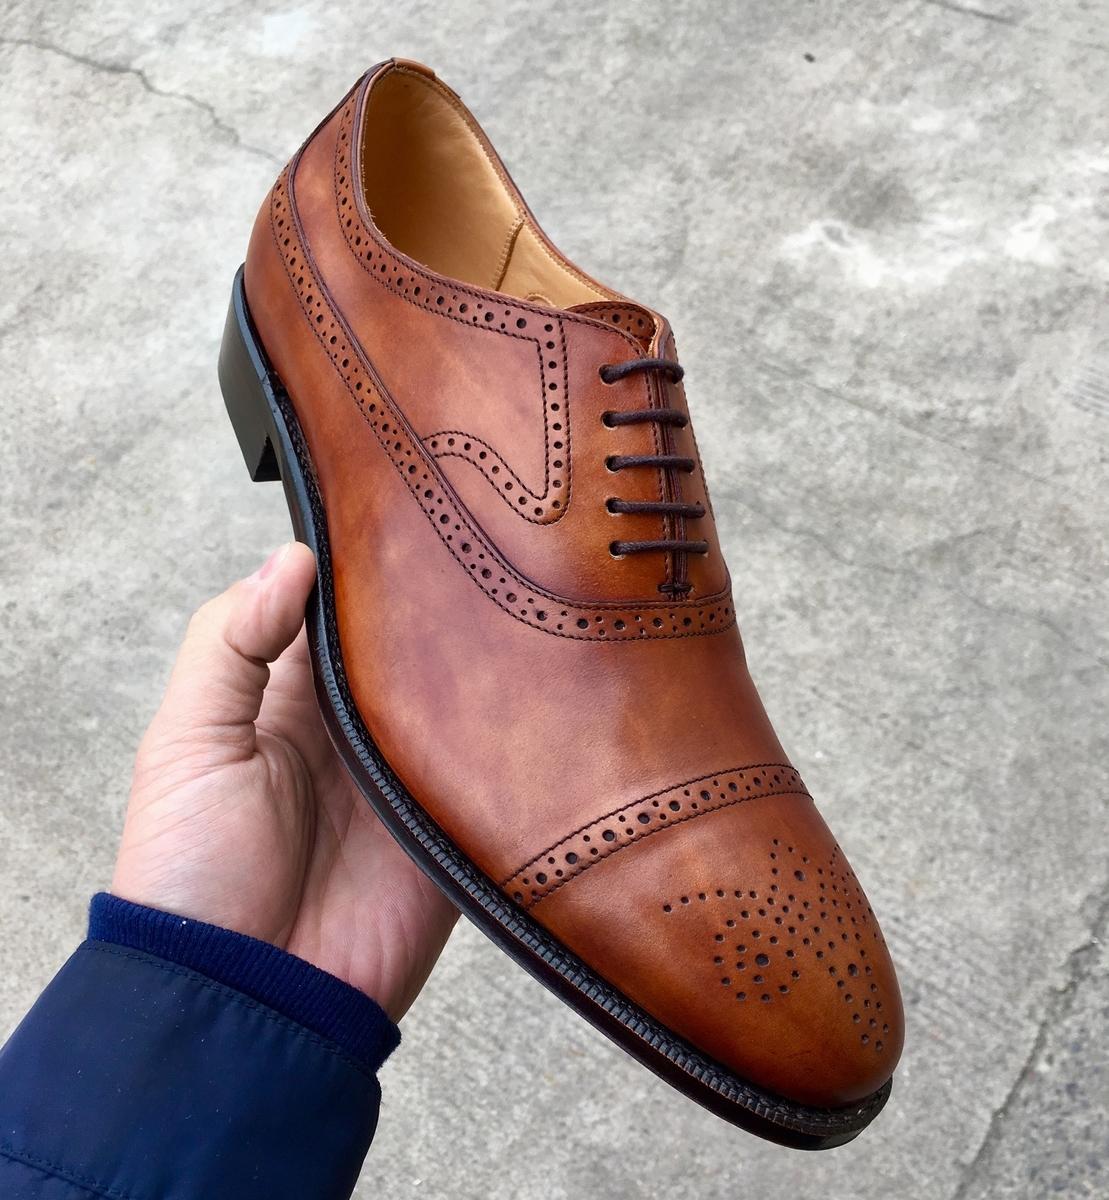 f:id:raymar-shoes:20190314143945j:plain